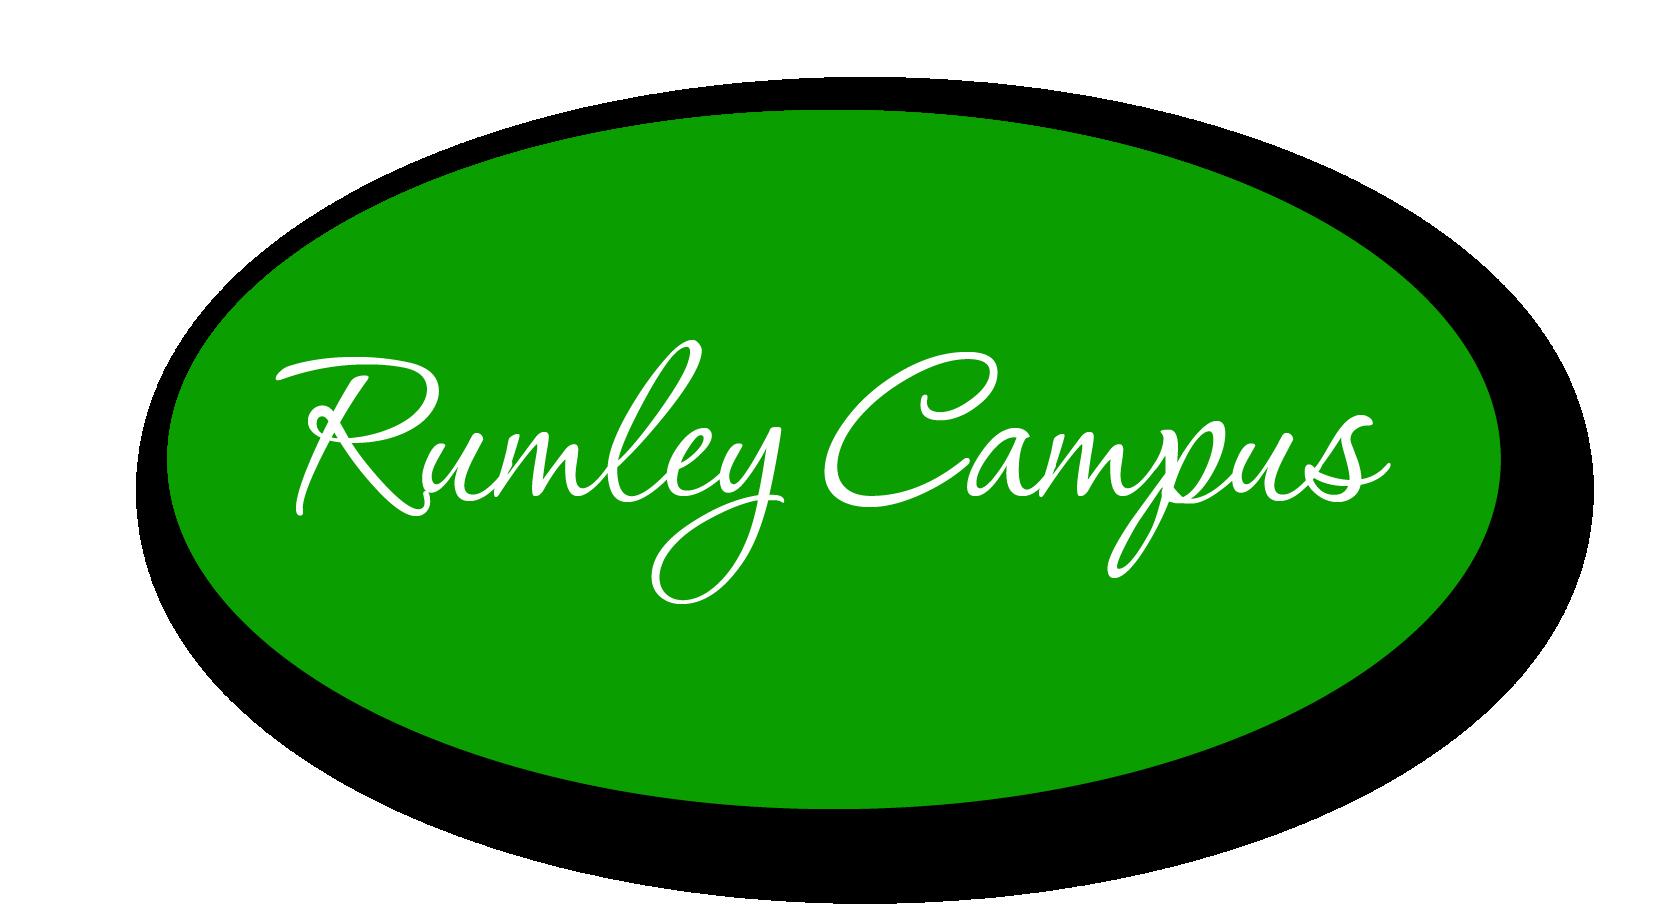 RumleyCampus_Button